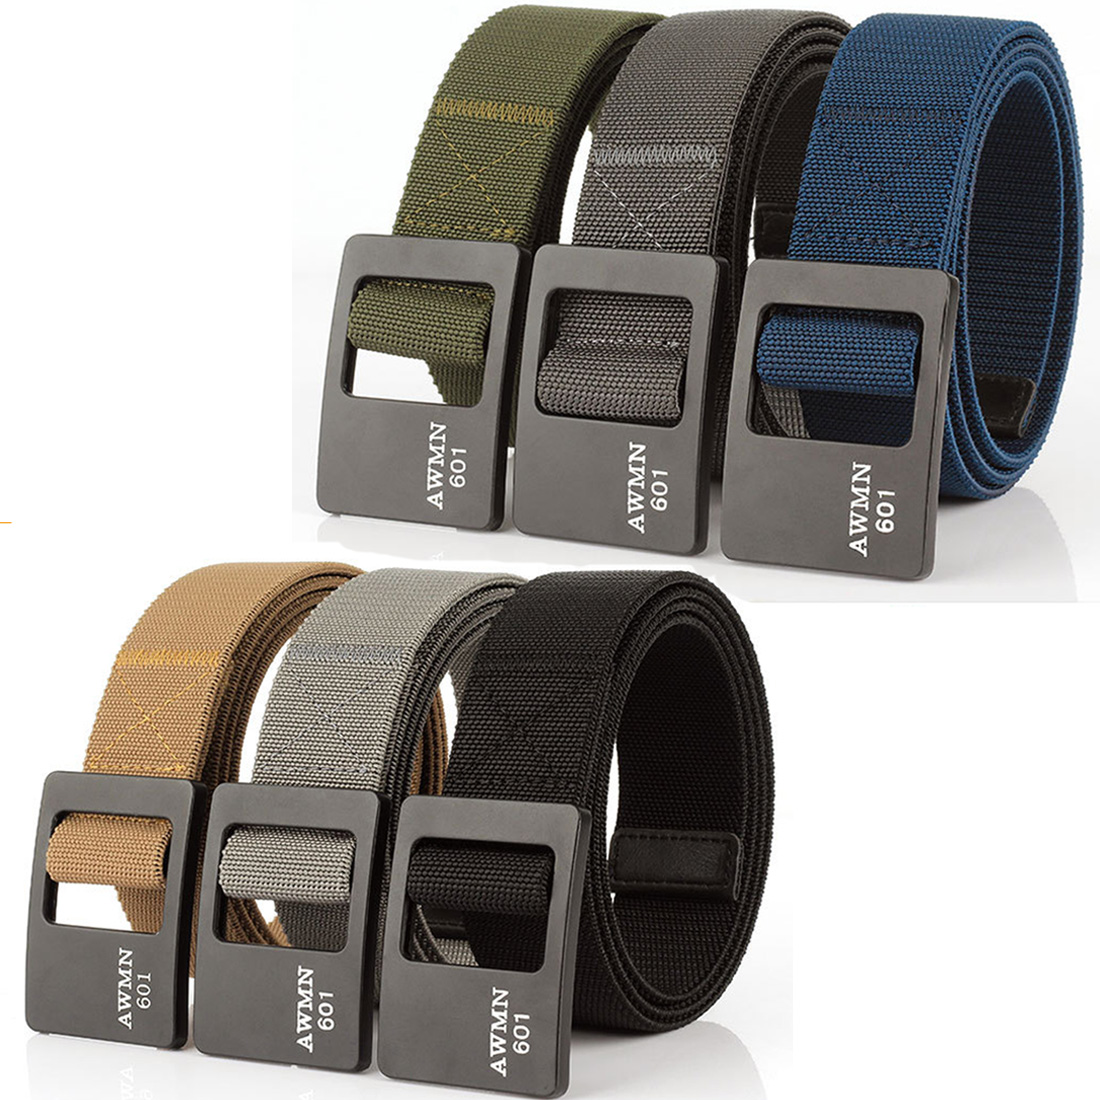 Bag Strap Adjustable Belt Buckle Outdoor Sports Waistbands Tactical Waistband